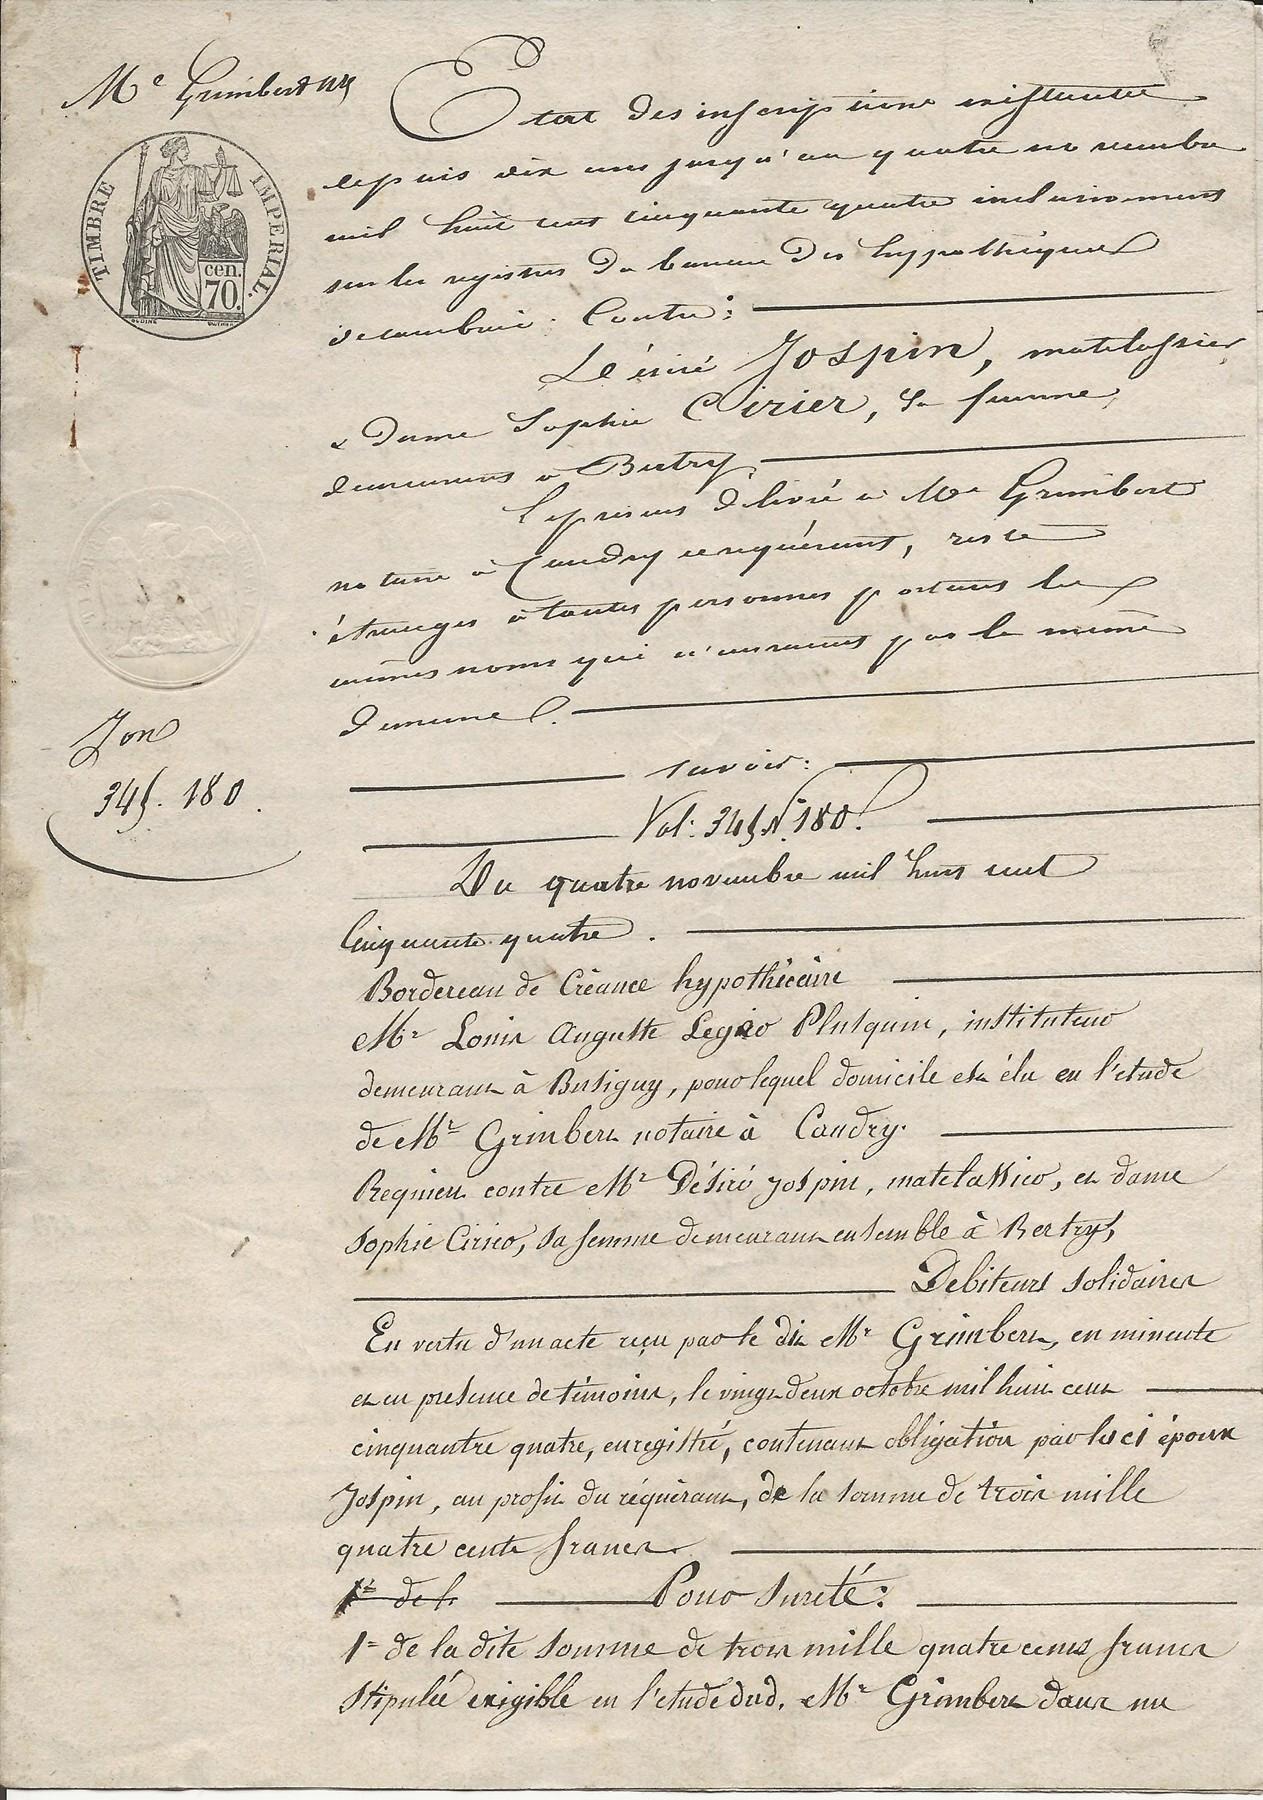 1854 creance hypothecaire contre couple jospin ciriez 002